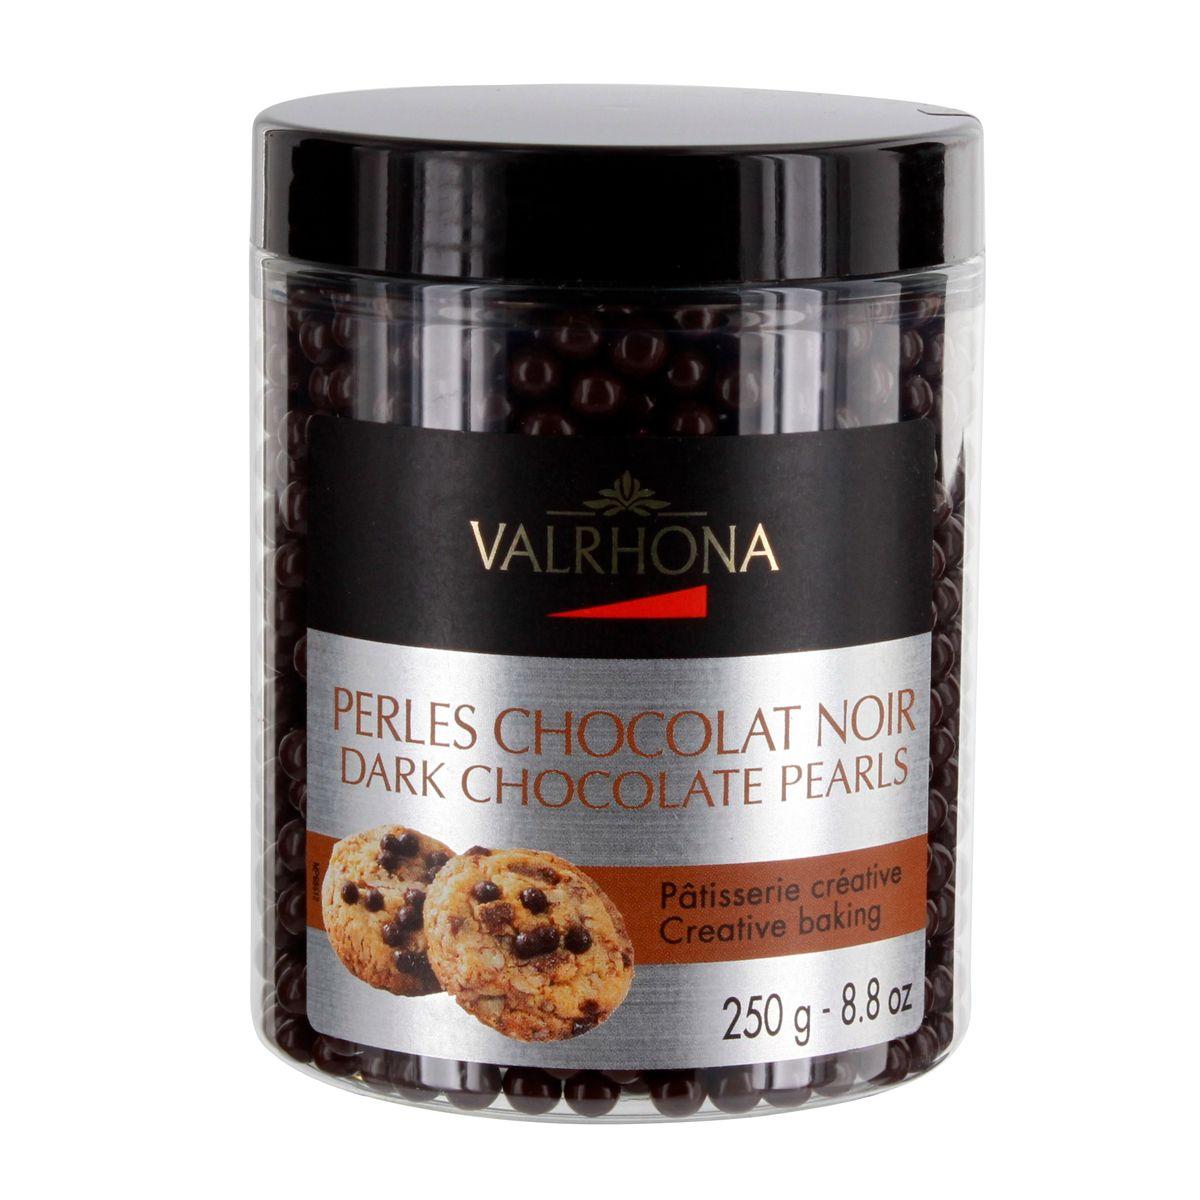 Perles de chocolat noir 250gr - Valrhona